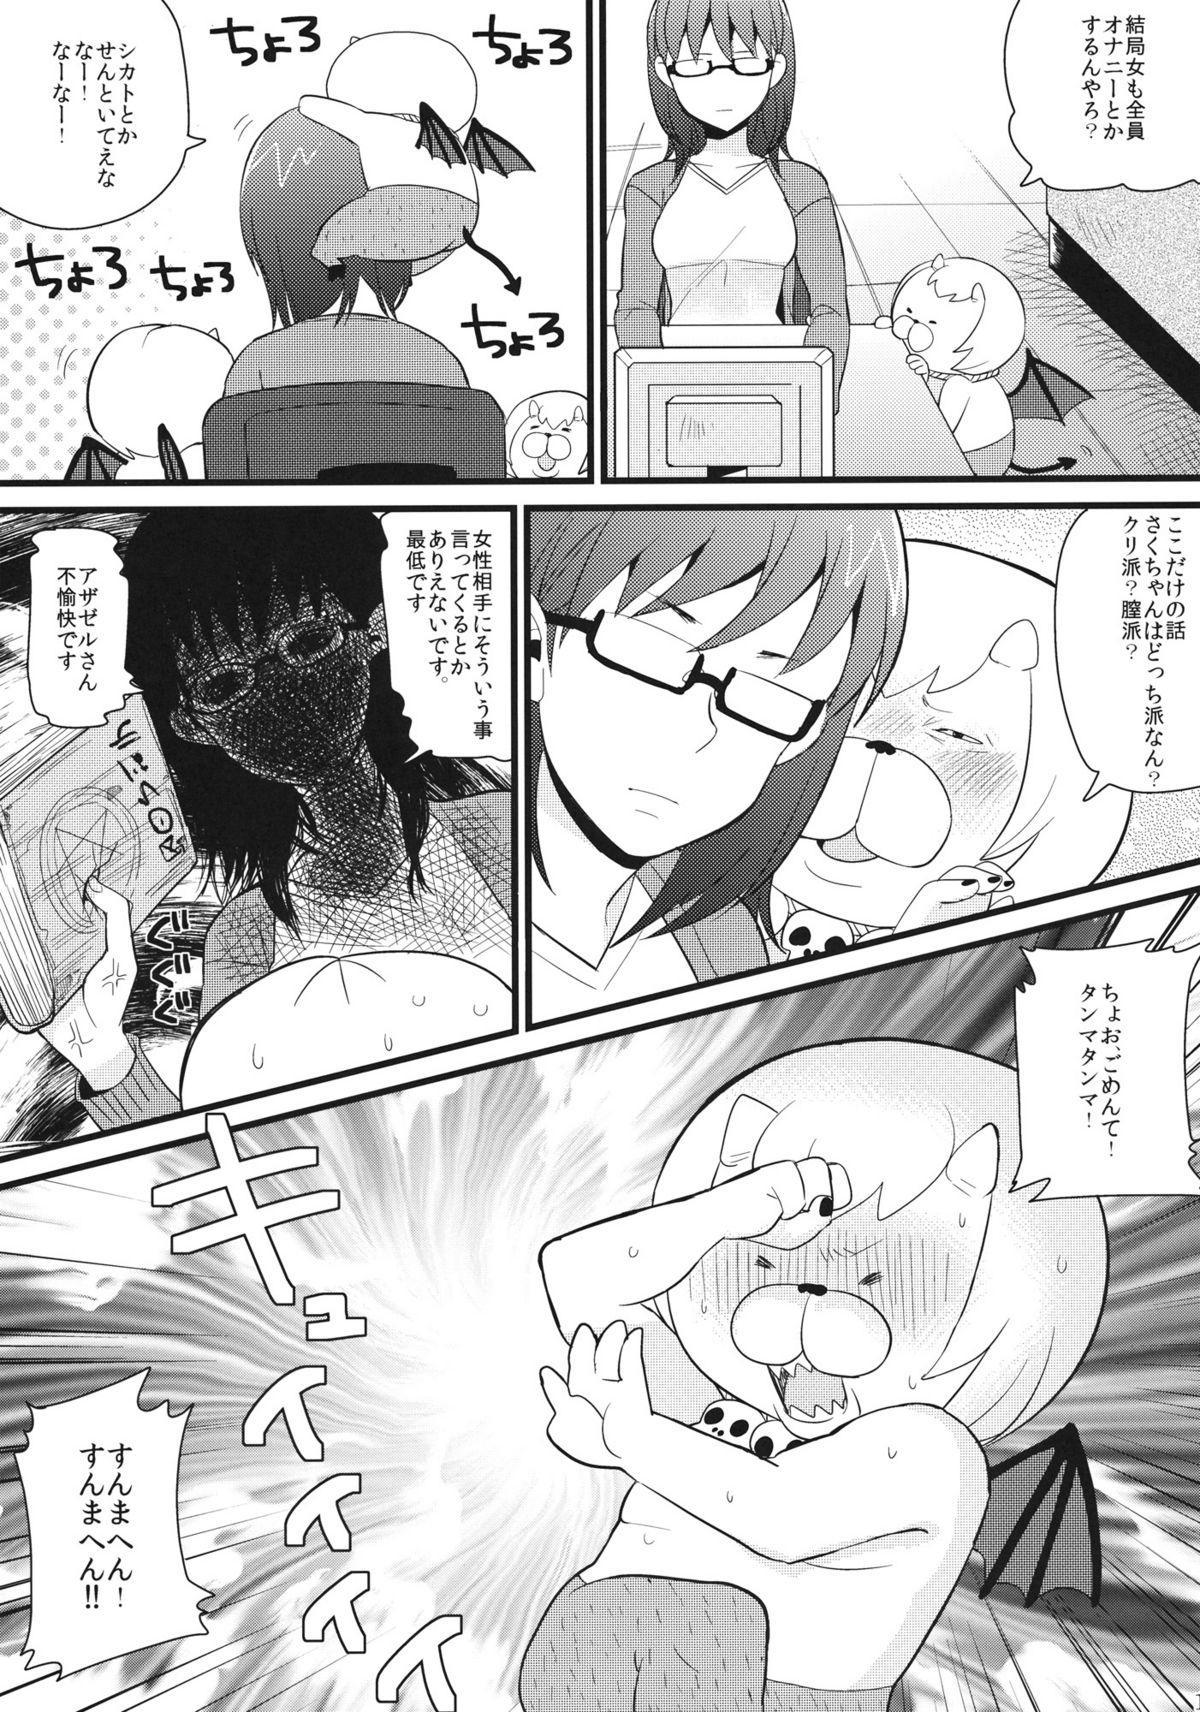 (SC53) [NIGHT★FUCKERS, Dodo Fuguri (Mitsugi, Shindou)] Yararetemasuyo, Sakuma Rinko-san. | You're Being Raped, Sakuma-san (Yondemasuyo, Azazel-san) 13